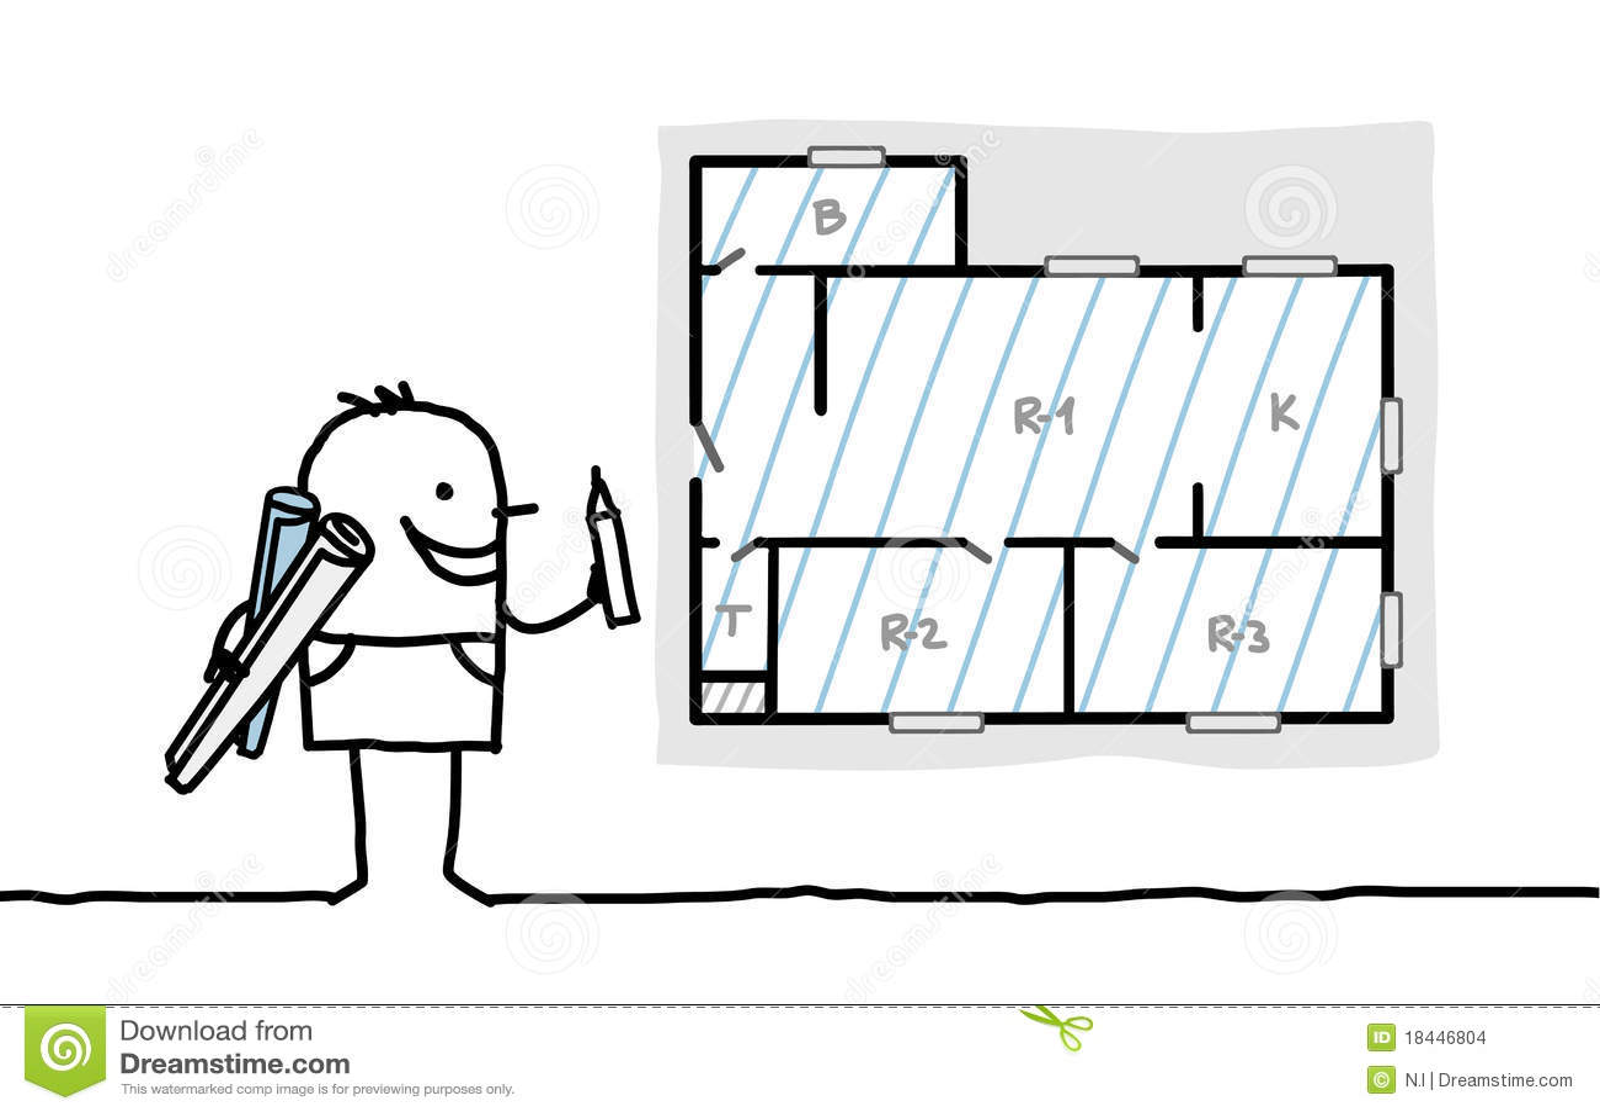 Programma dell 39 appartamento dell 39 illustrazione dell for Programma architettura gratis